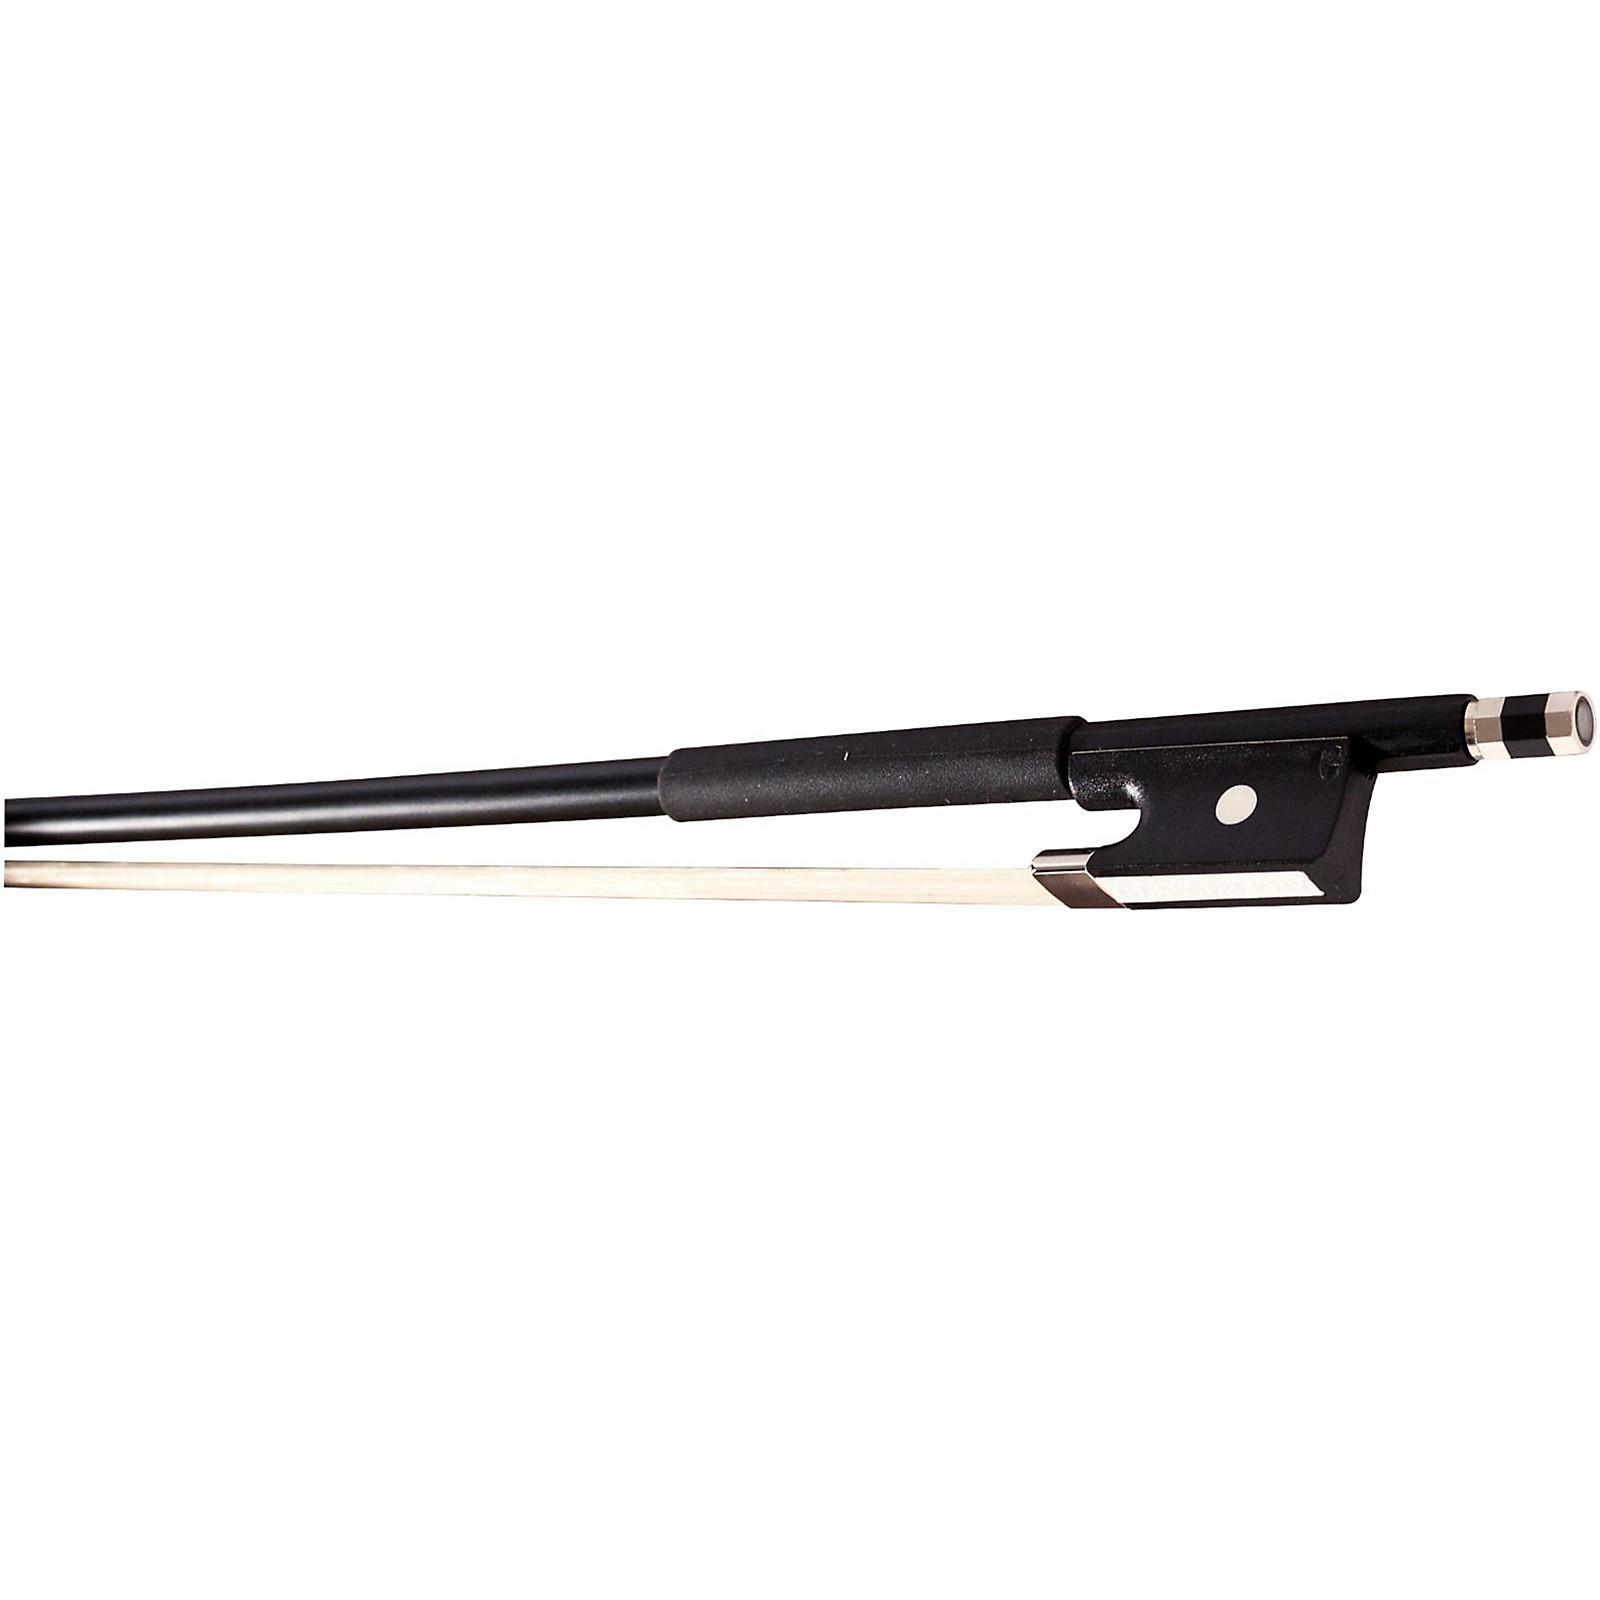 Glasser Violin Bow Fiberglass Half-Lined Frog Leatherette Grip